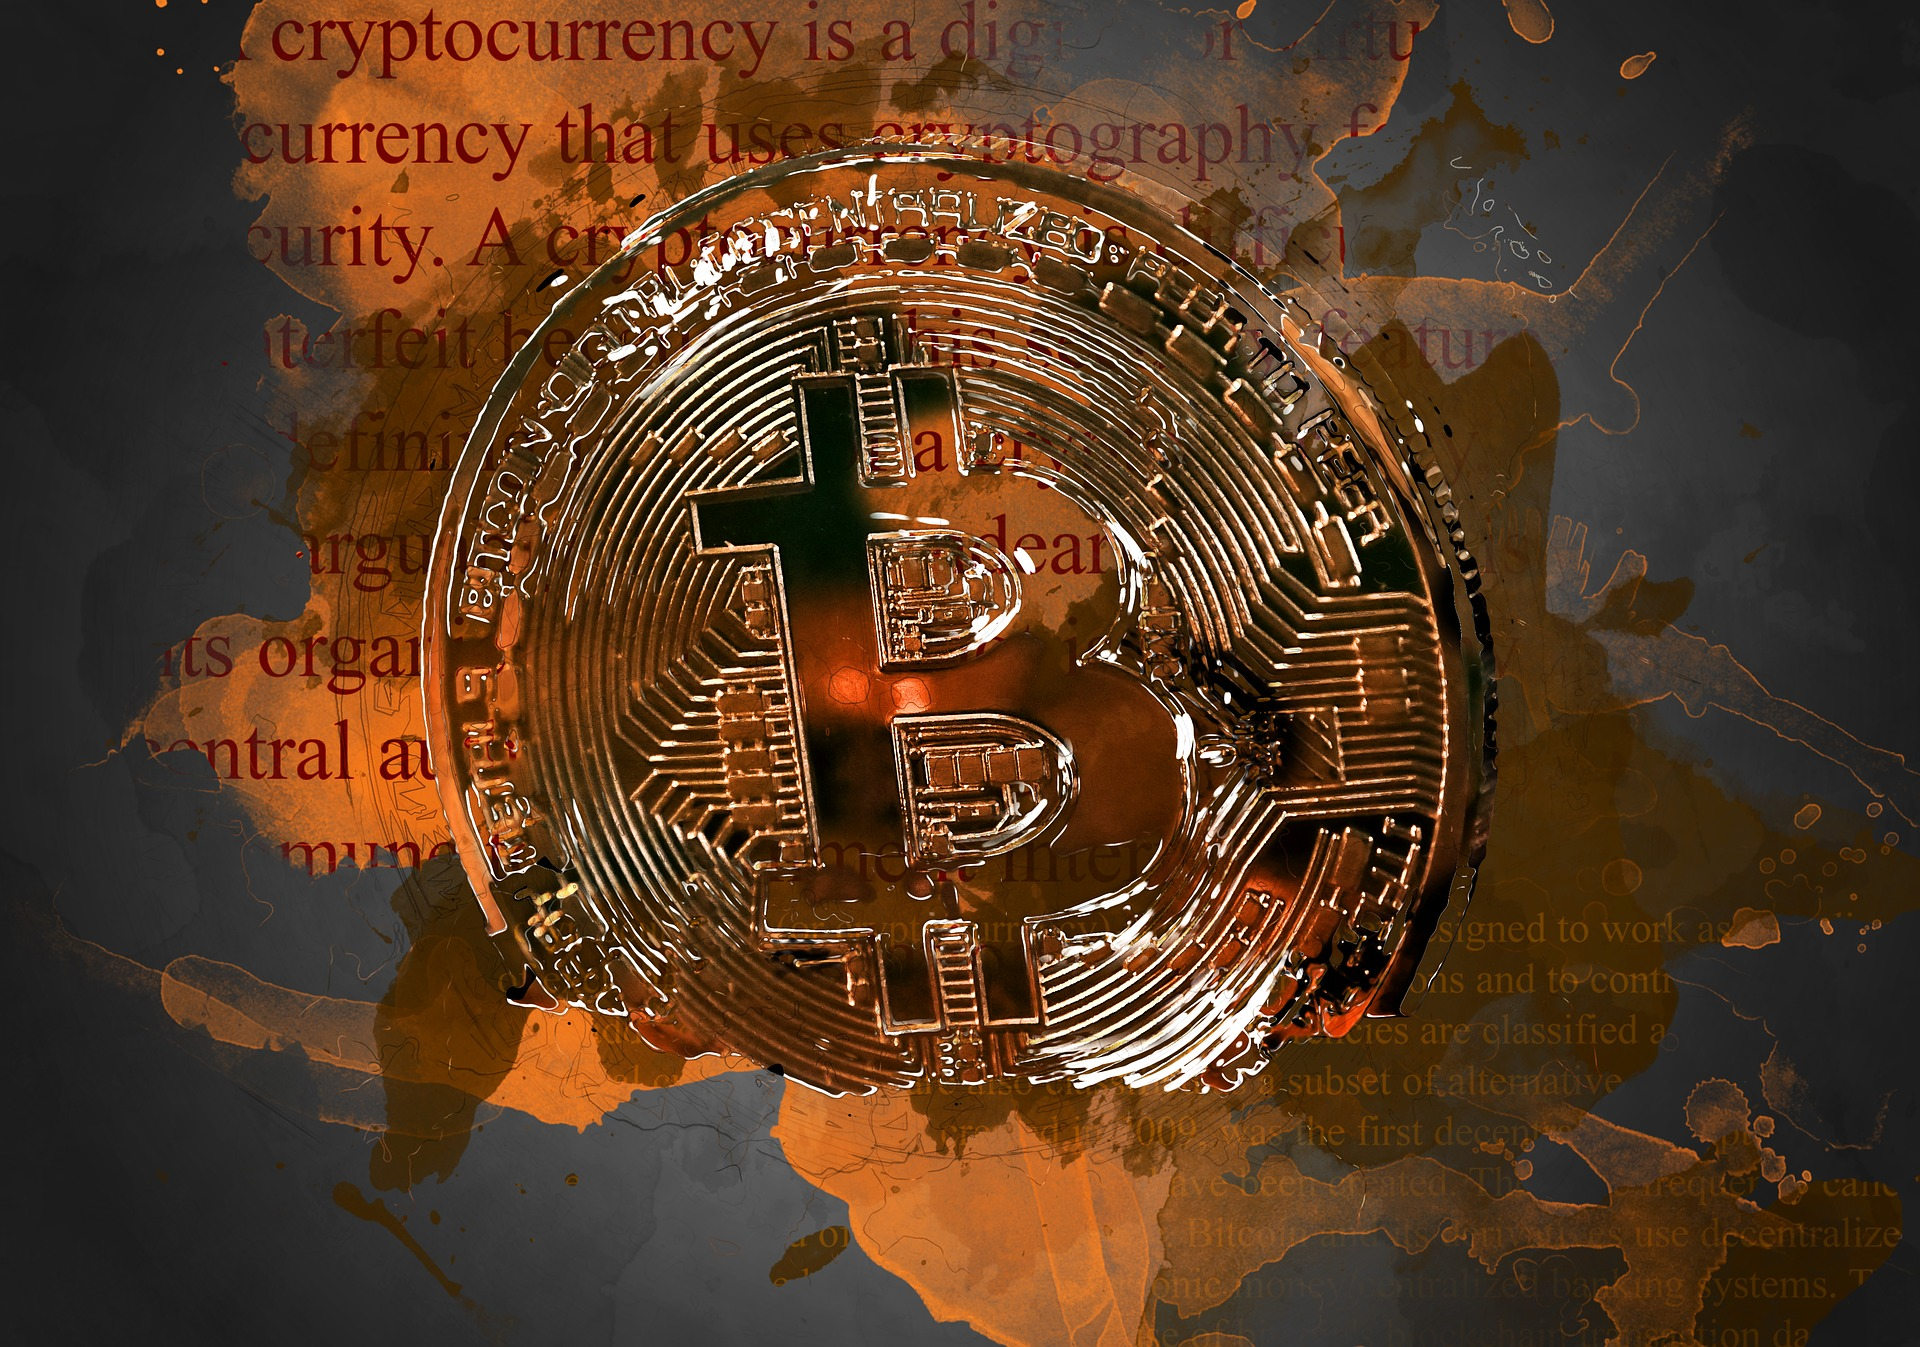 die Börsen bei Bitcoin Evolution beträchtliche Summen